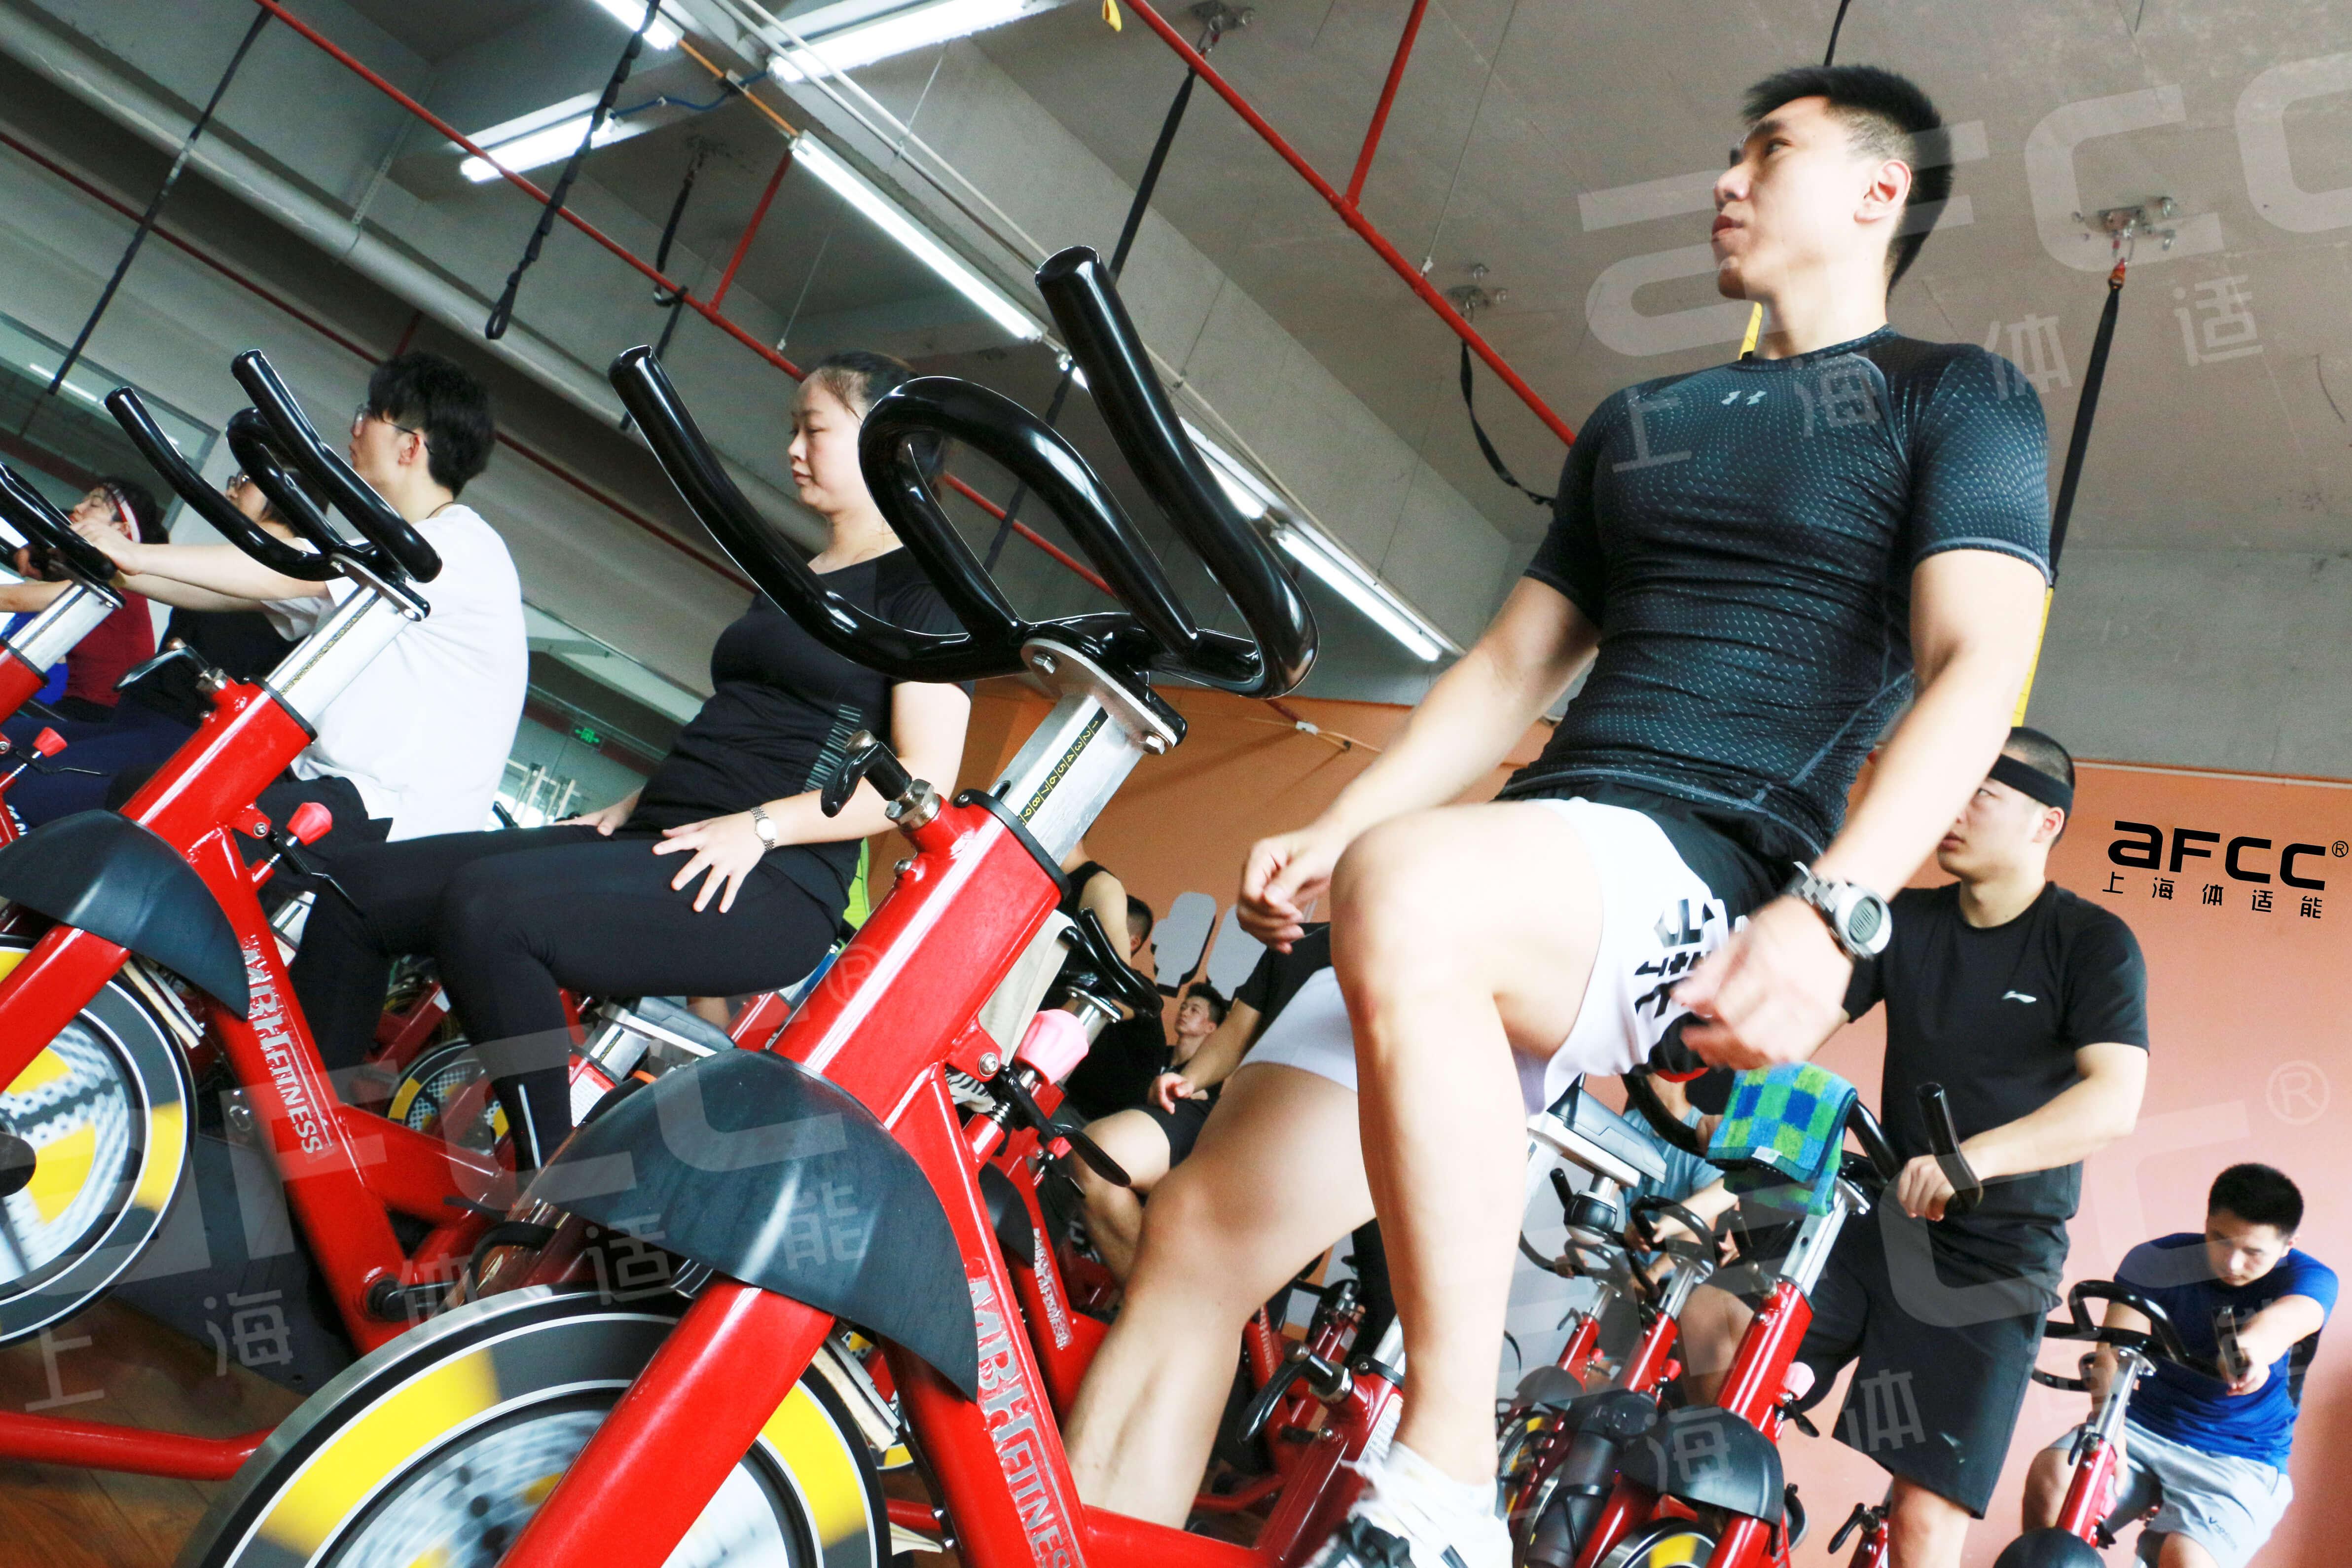 在以腿部为中心的锻炼过程中,臀部、腰部、背部、手臂的肌肉都能得到充分的锻炼